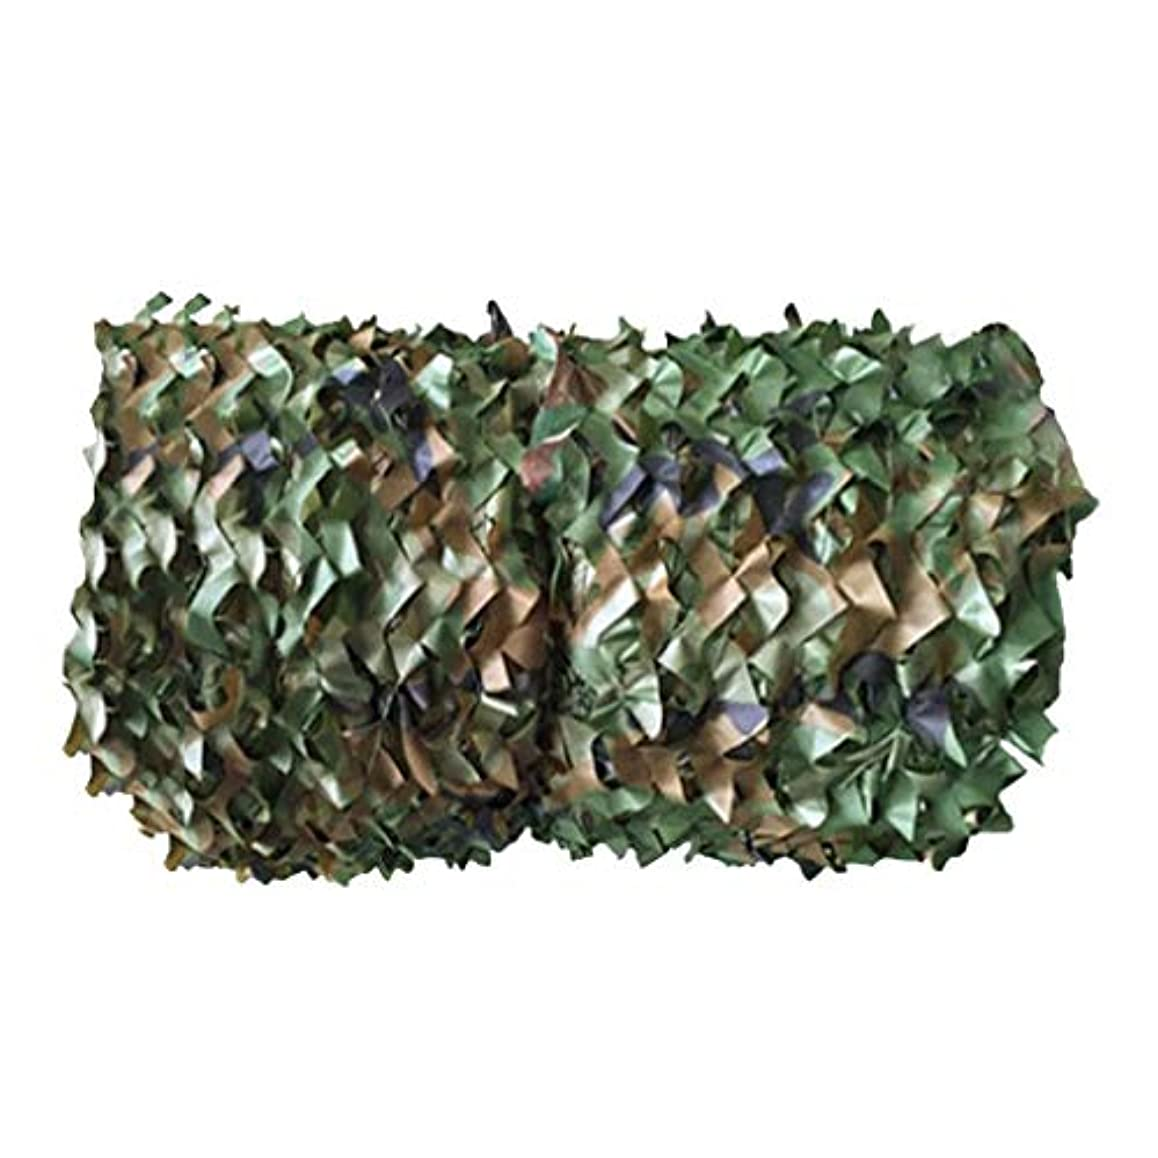 感度金属地中海YANFEI camouflage net 迷彩ネット、日焼け止めネットカーシェードネット戦術迷彩迷彩メッシュ屋外、ウッドランド、グリーン (Size : 3*5)